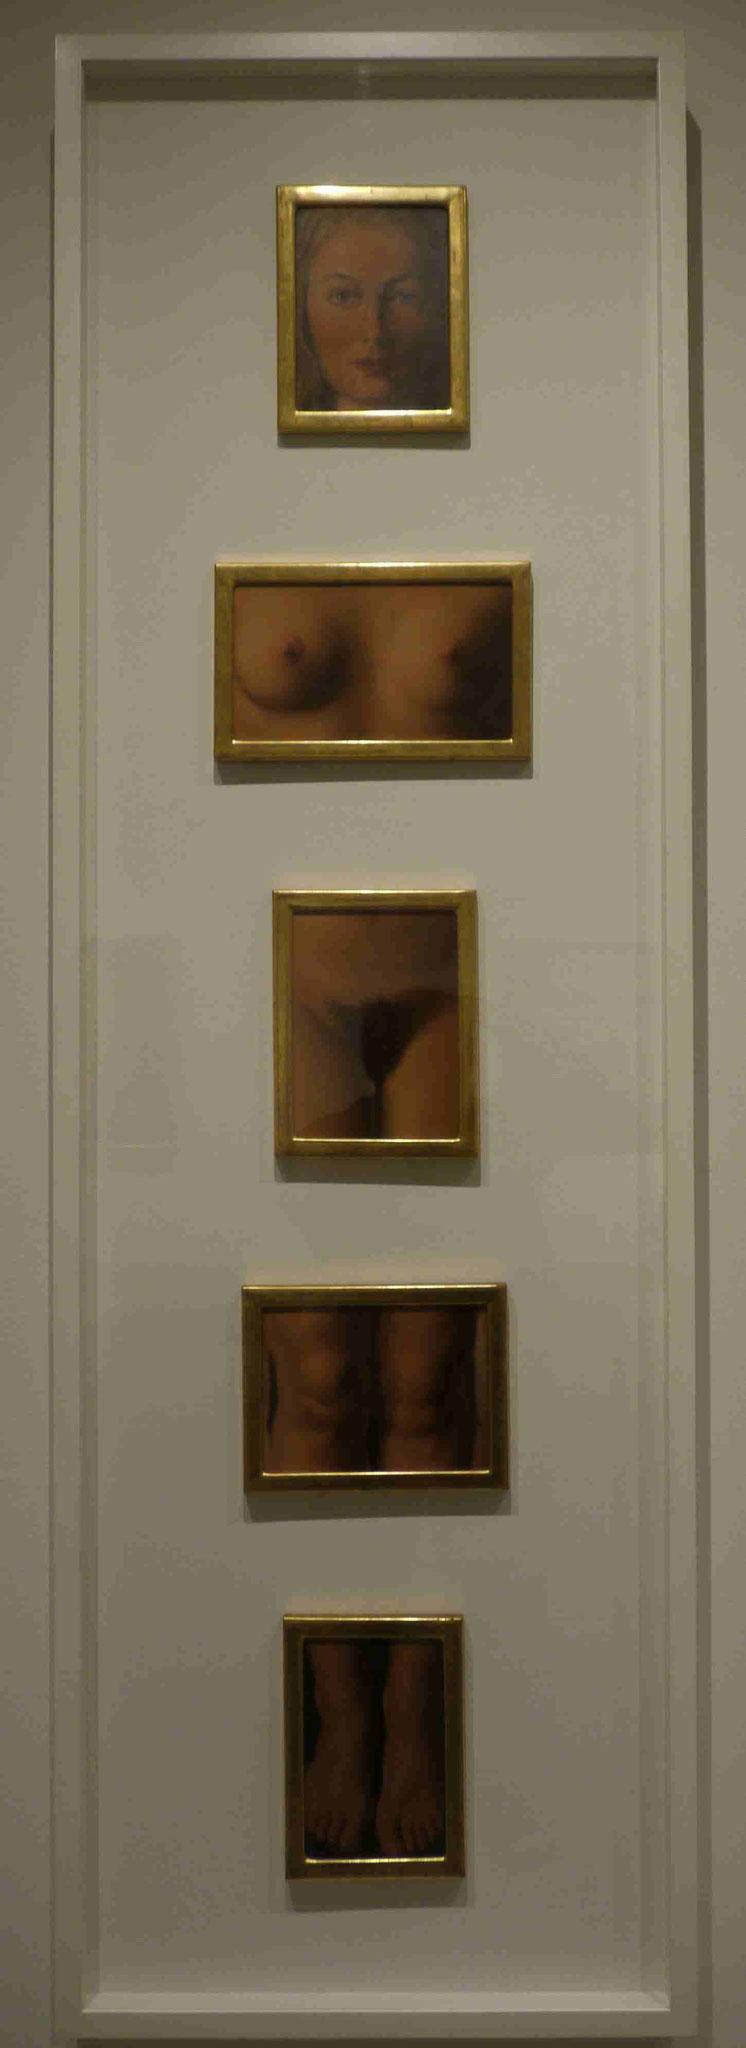 René Magritte Met